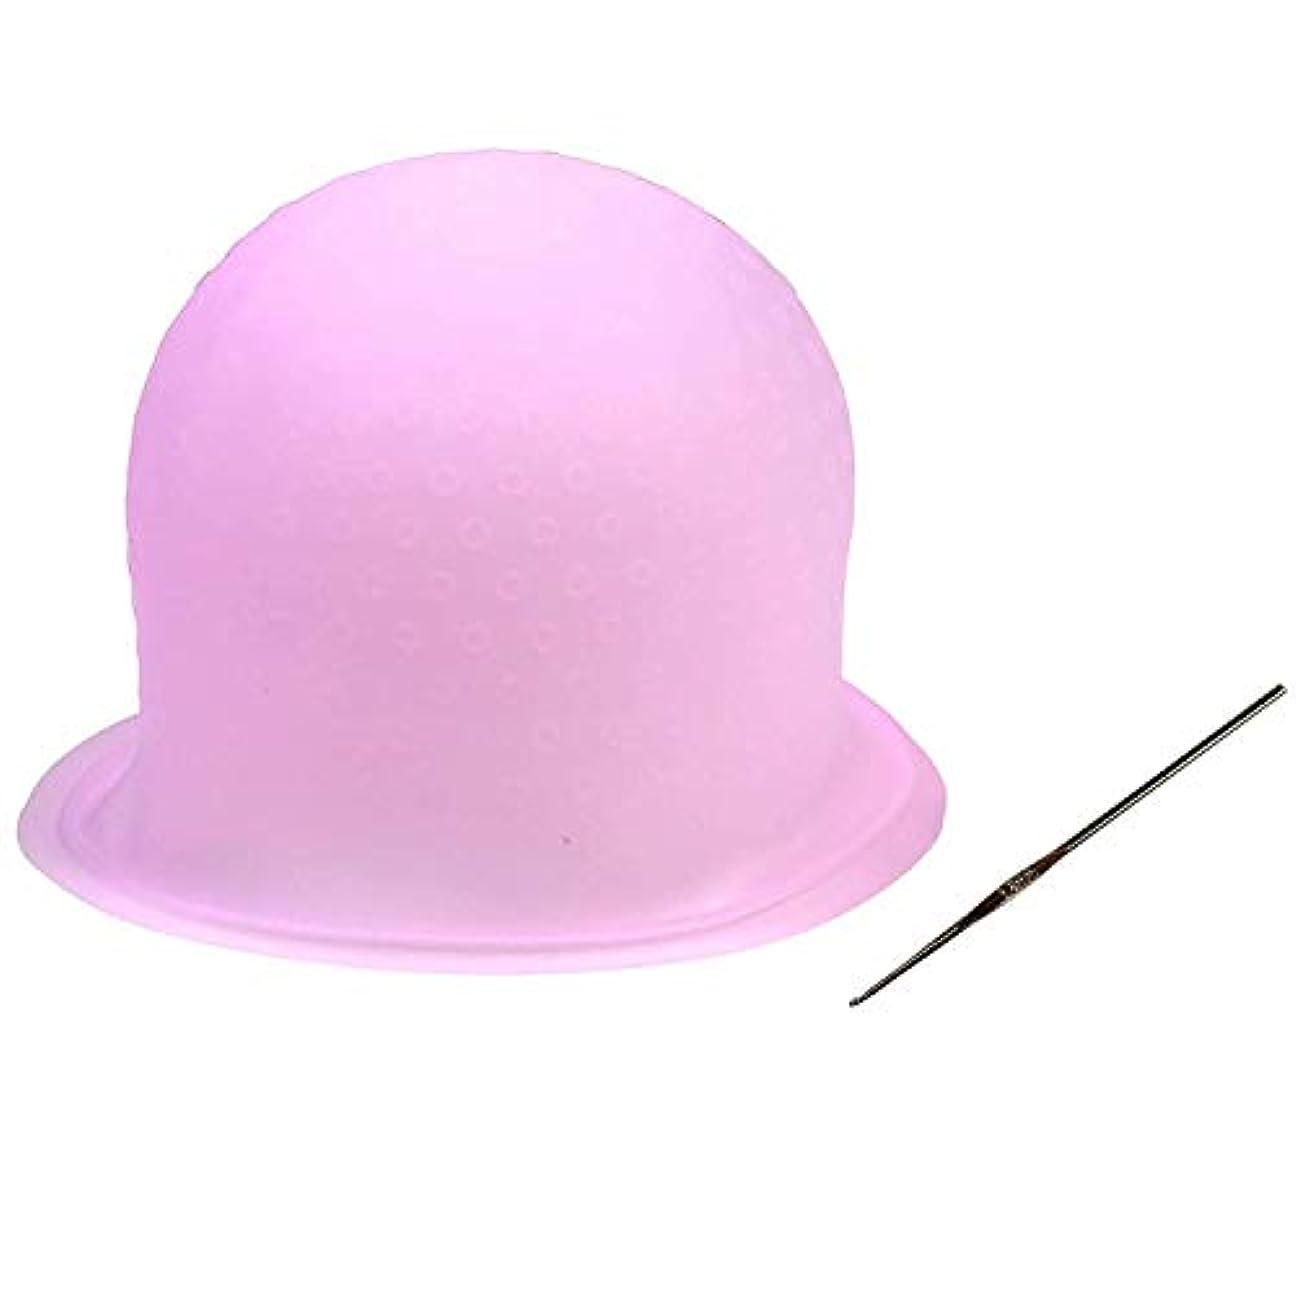 マーキング規模床毛染めキャップ 洗って使える ヘアカラー メッシュ シリコン ヘア キャップ(かぎ針付き) 再利用可能 染め専用 ボンネット 部分染め 自宅 DIY (ピンク)